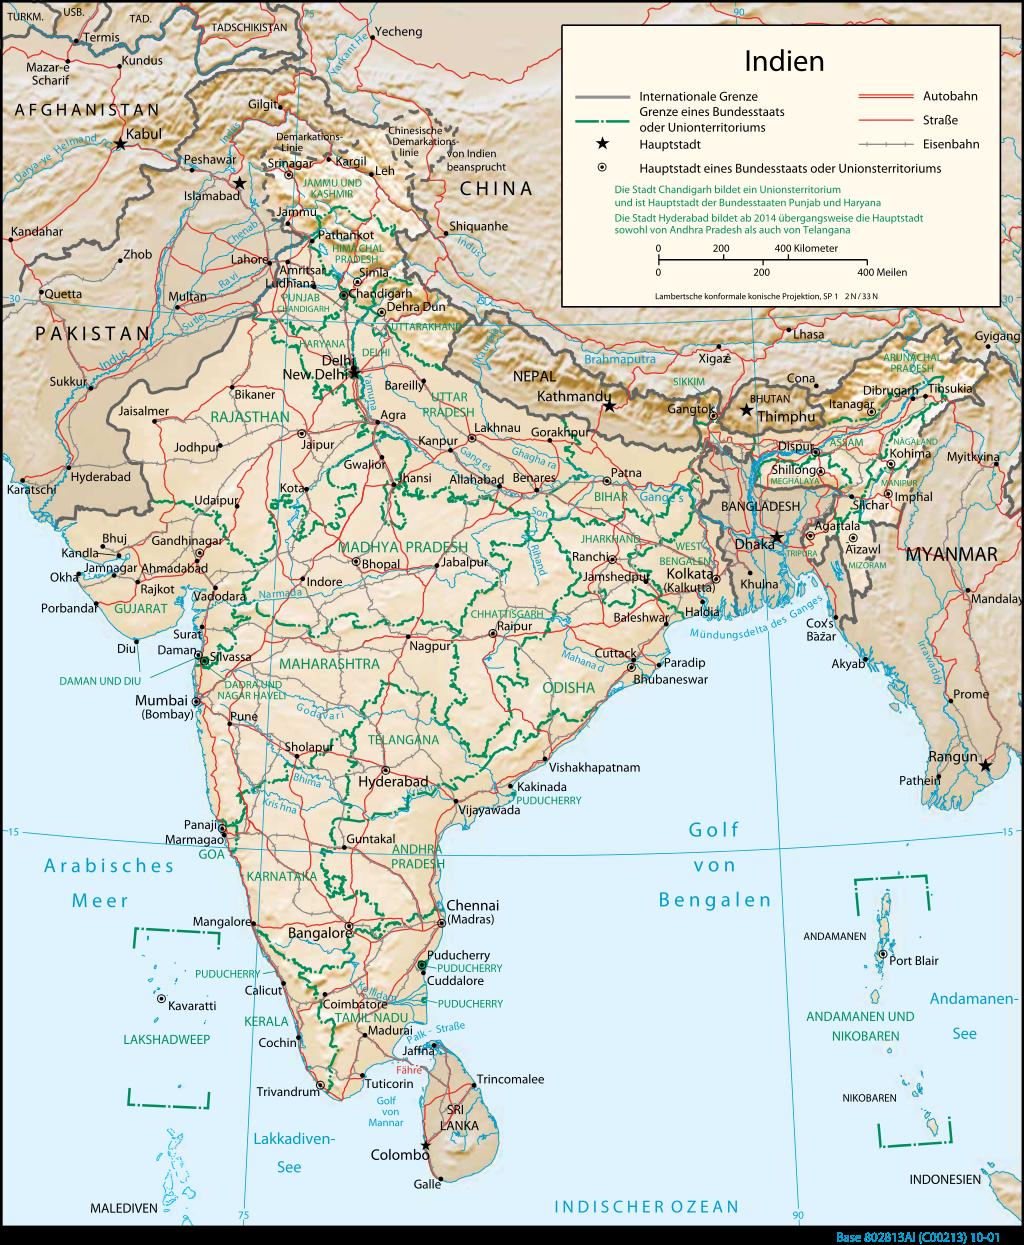 Girokonto Comdirect Dkb Und Norisbank Im Vergleich: Indische Zentralbank Senkt überraschend Die Leitzinsen